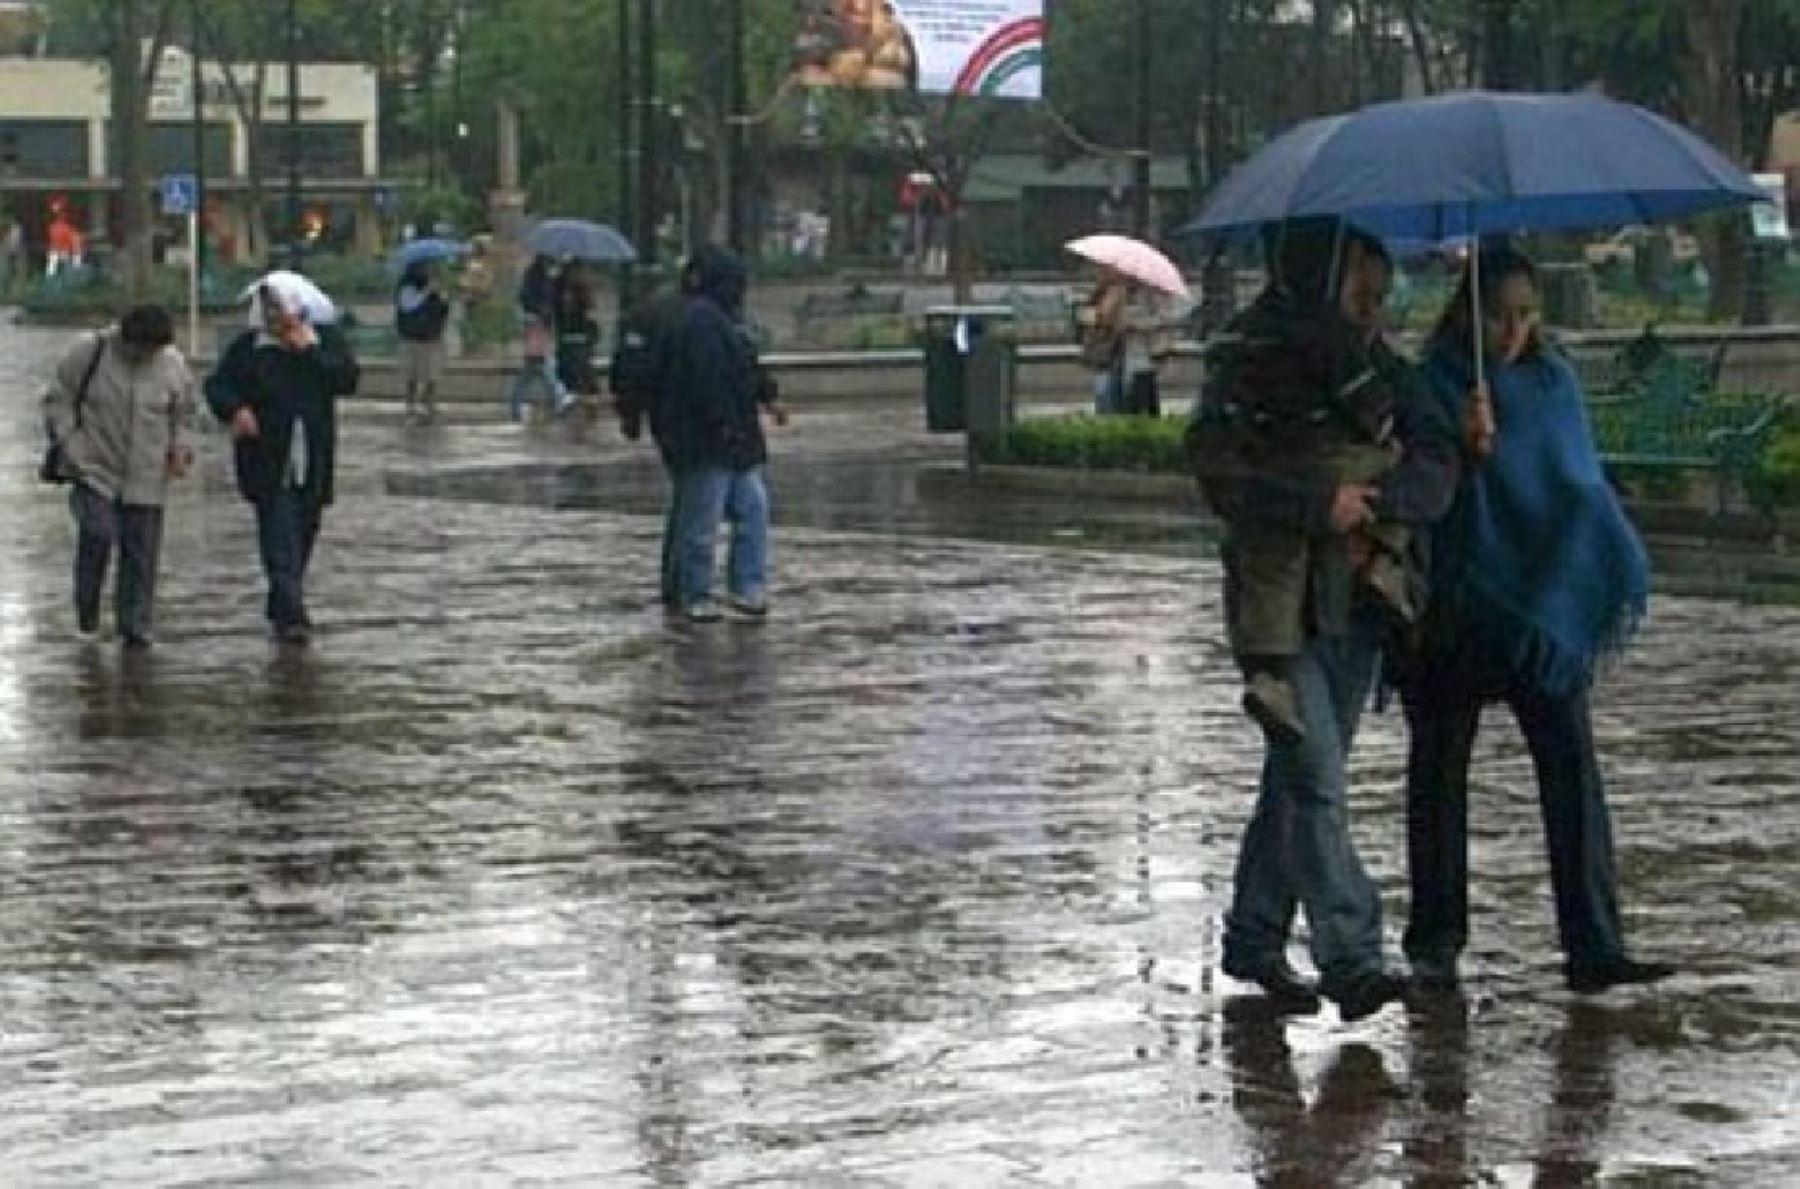 El Servicio Nacional de Meteorología e Hidrología (Senamhi) informó que, desde hoy hasta el lunes 27 de enero, se presentarán lluvias, de moderada a fuerte intensidad, acompañadas de descargas eléctricas y ráfagas de viento a lo largo de la cordillera. ANDINA/Difusión